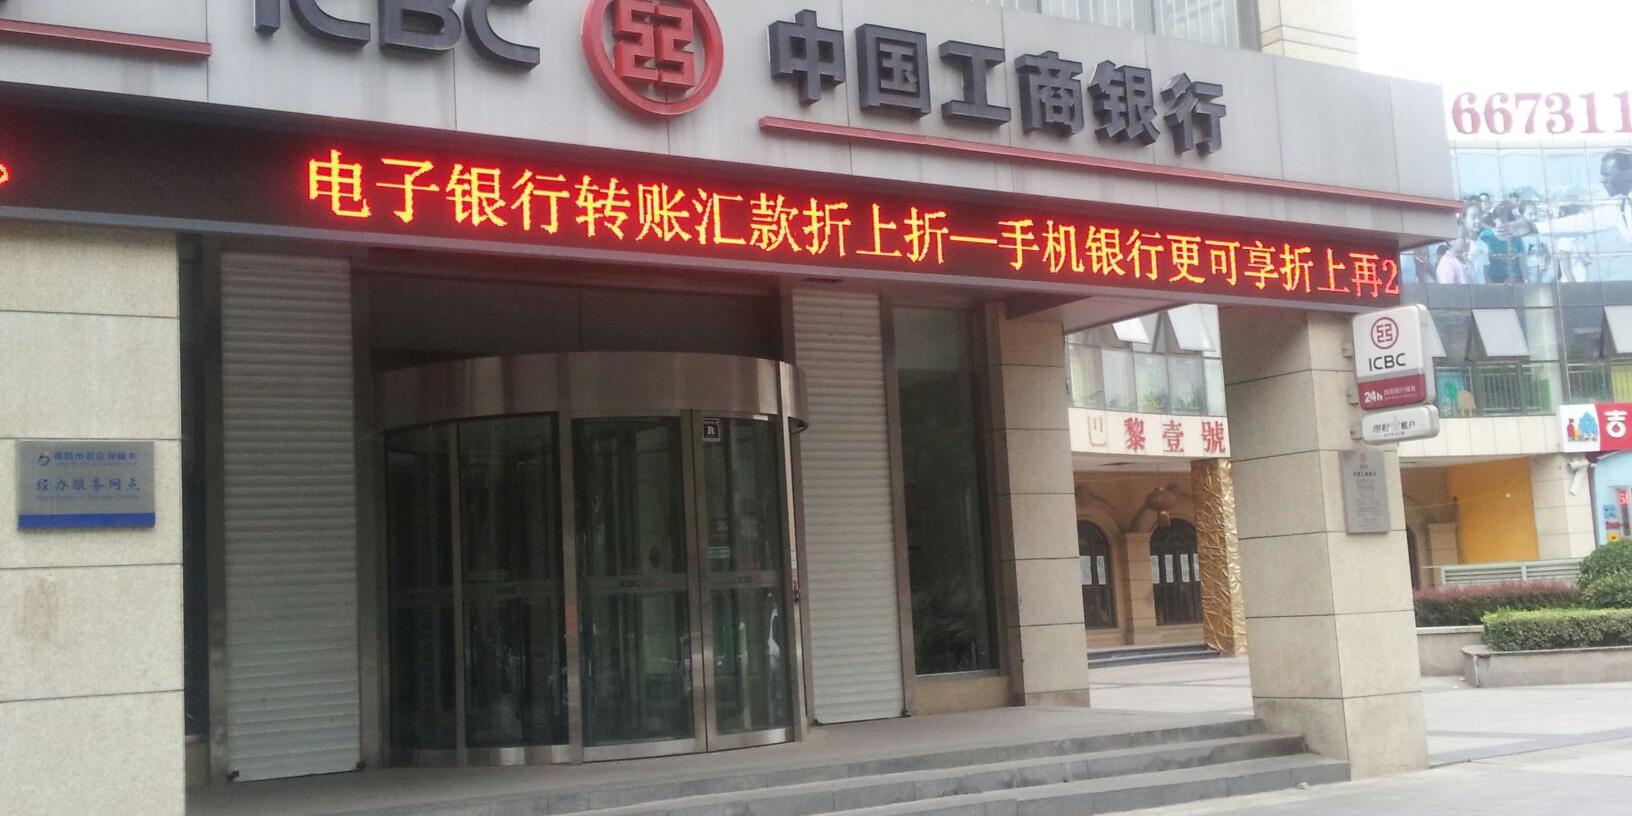 阳路支行_中国工商银行(青岛明阳路支行)